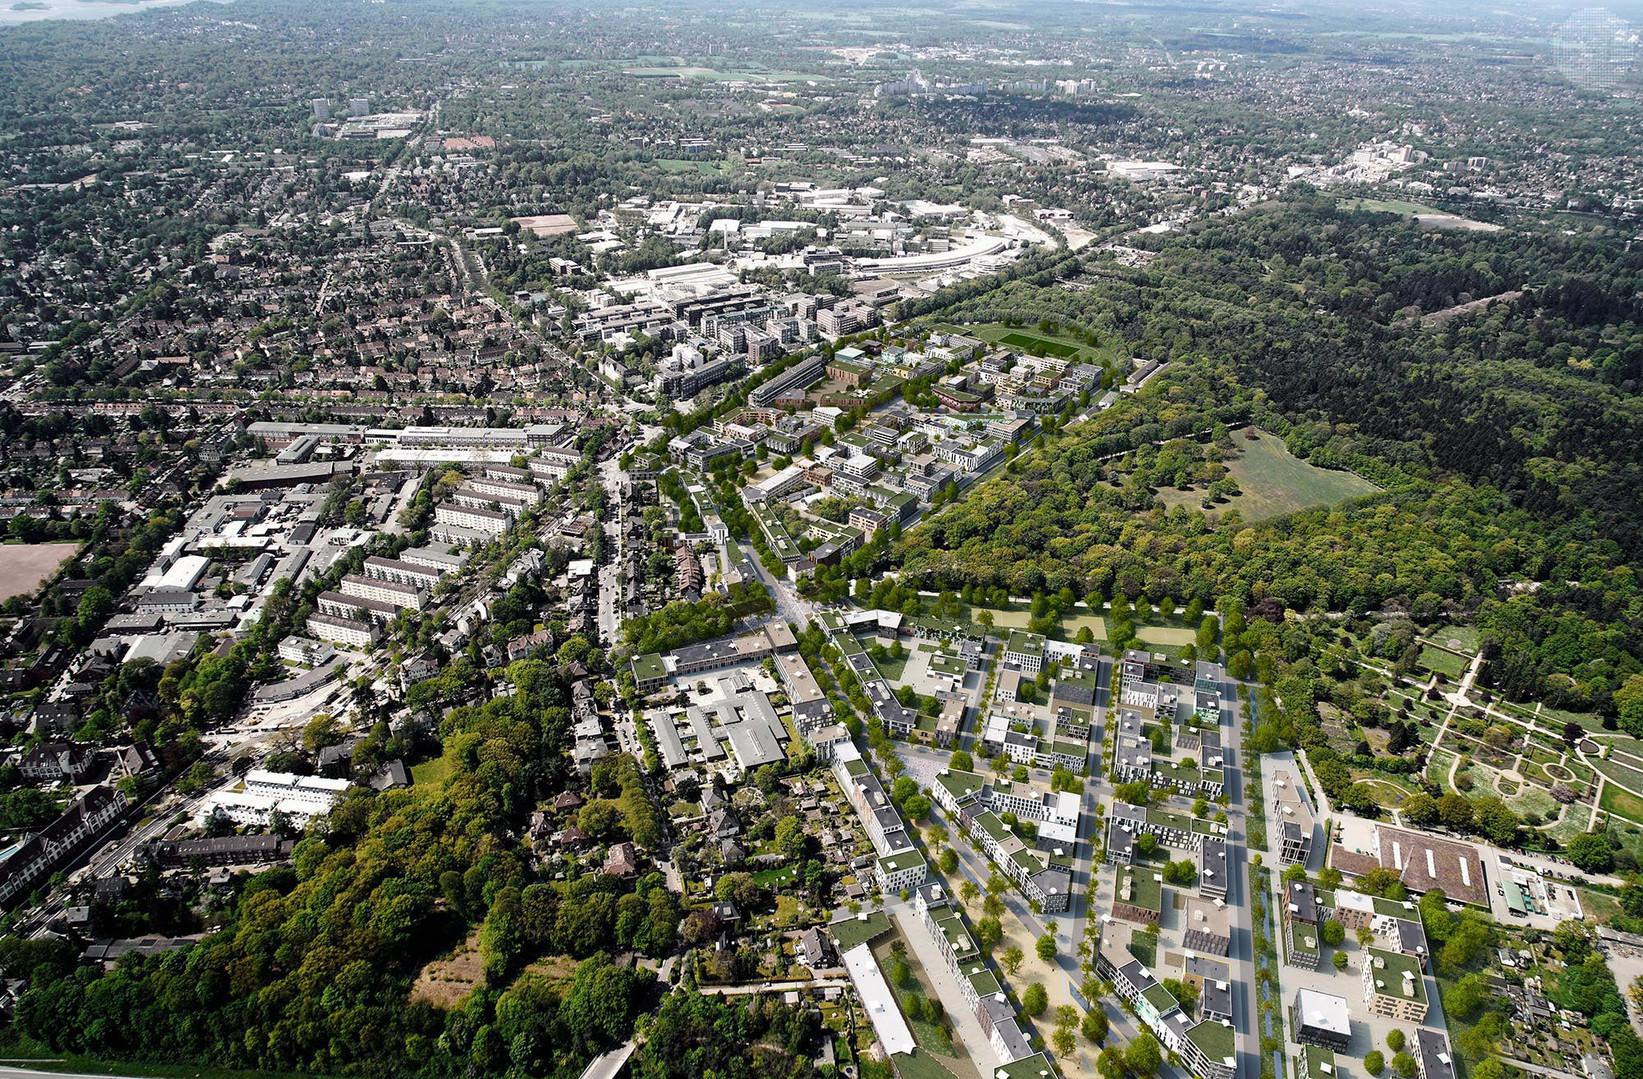 New city neighborhood